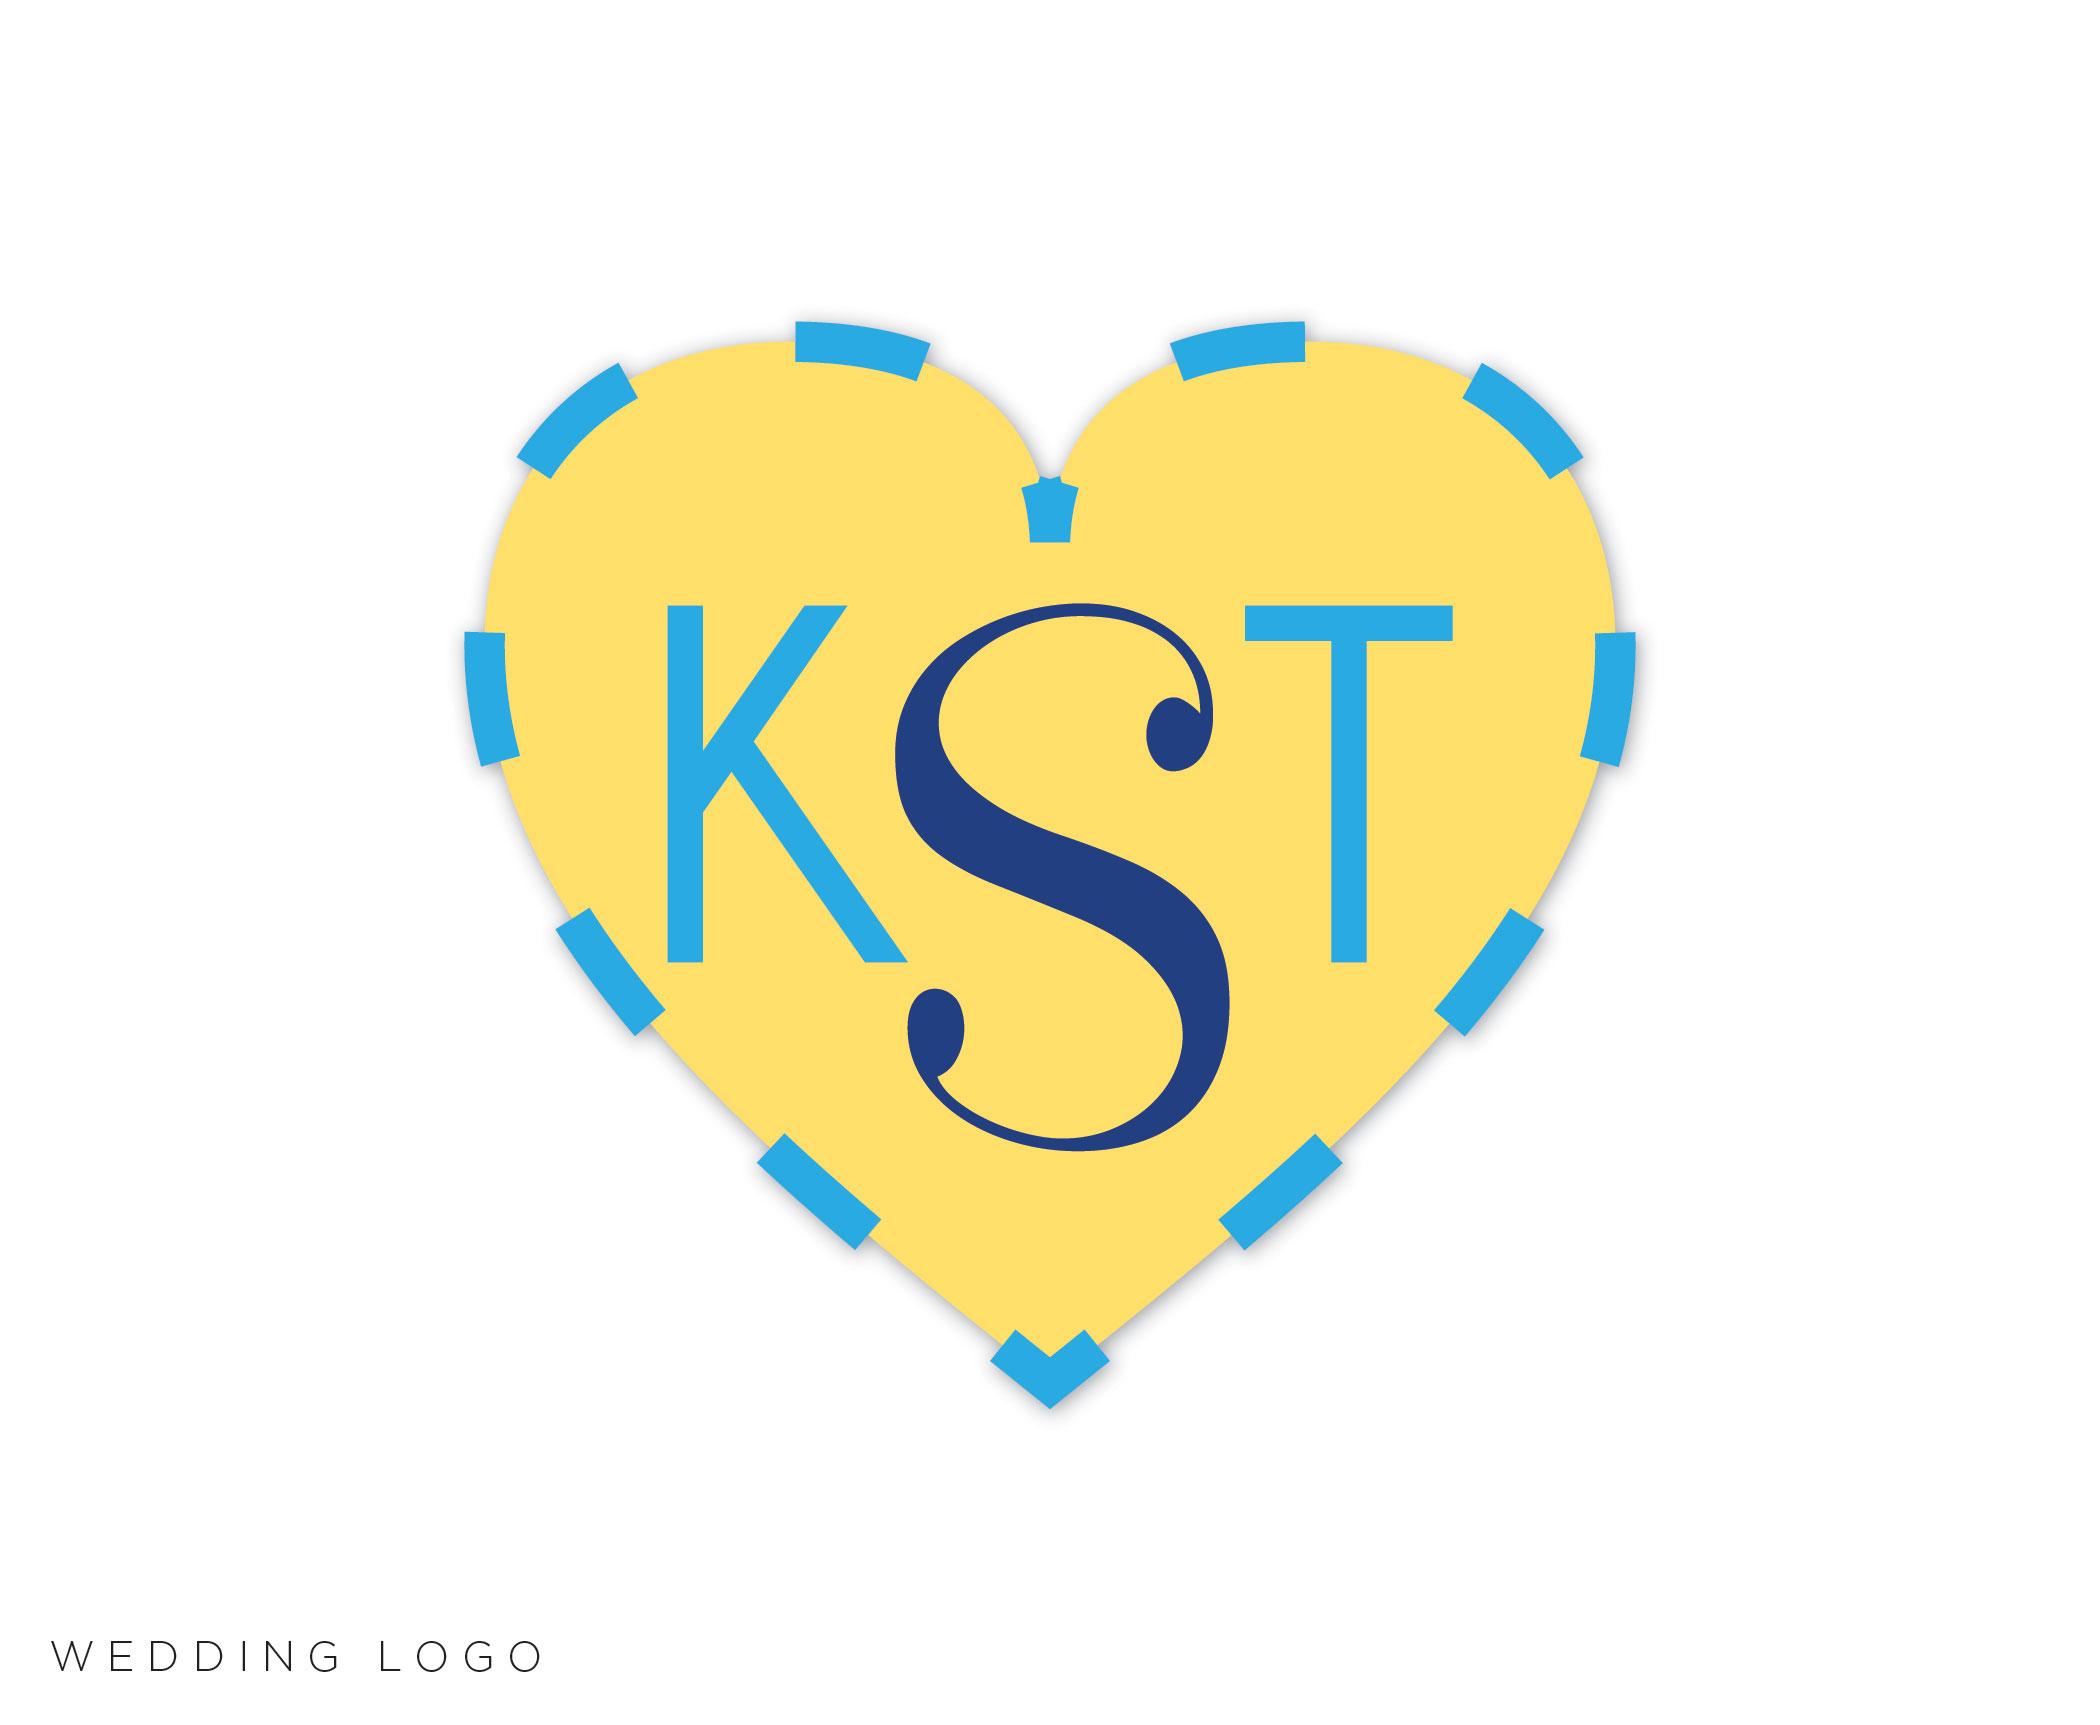 K+T-01.jpg